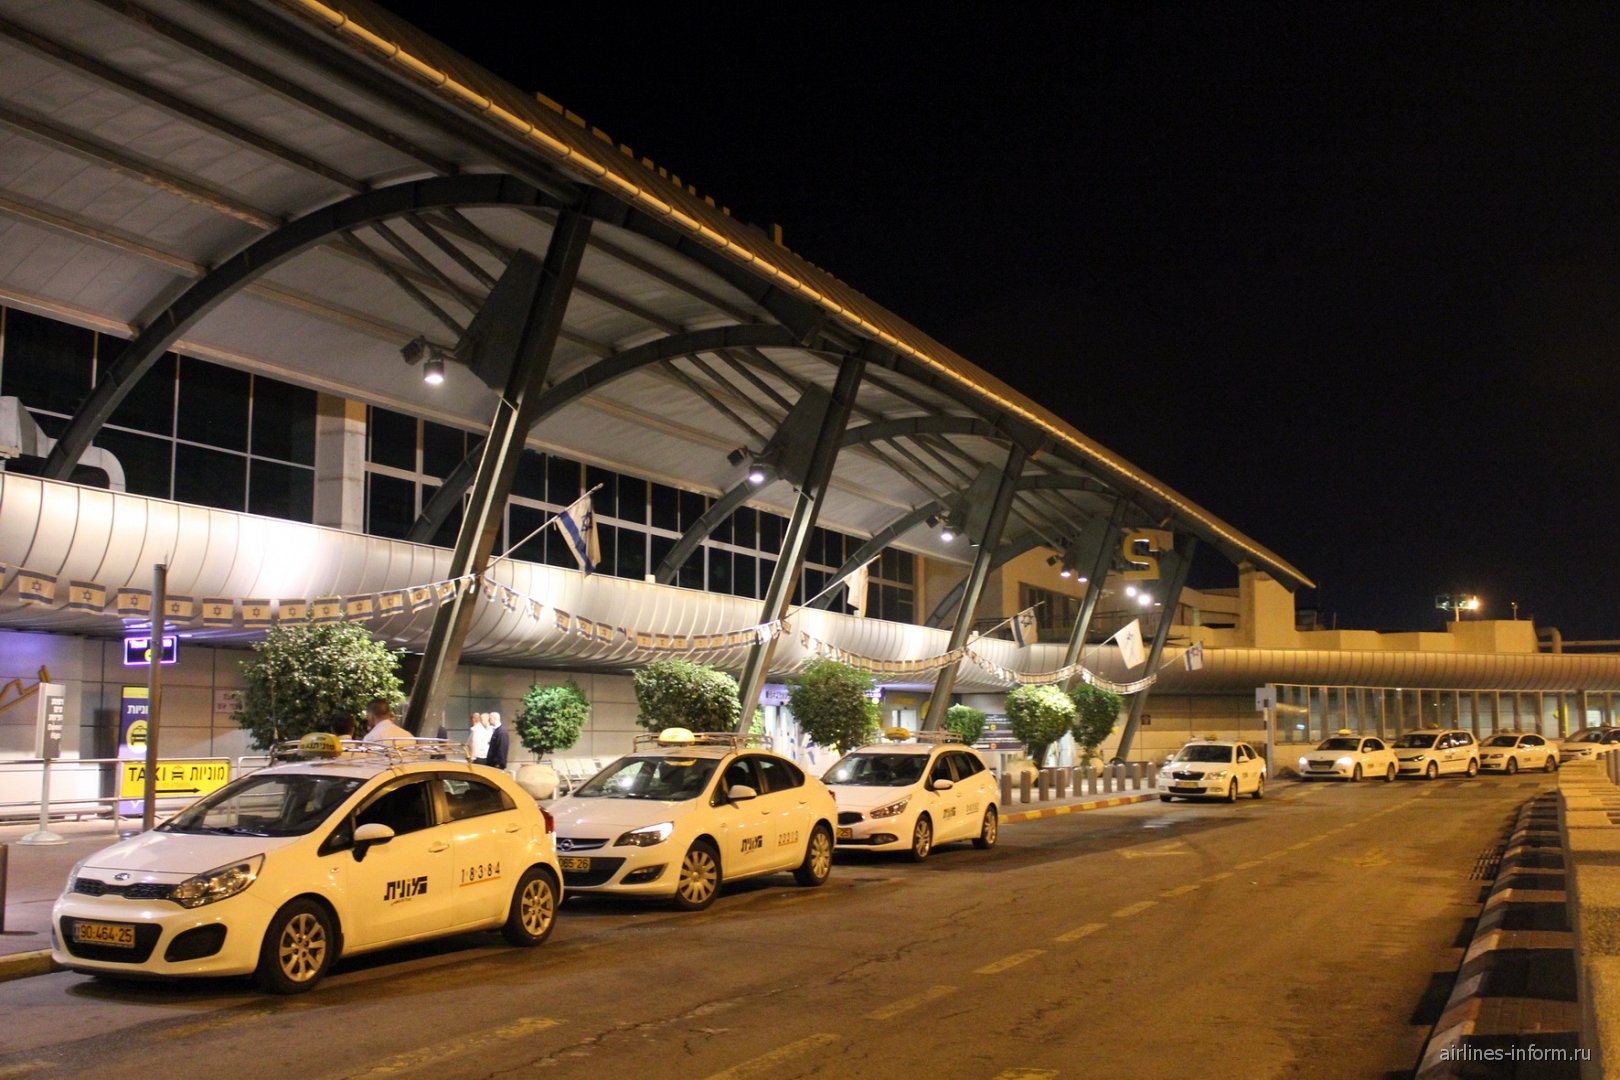 Терминал 1 аэропорта Тель-Авив Бен-Гурион